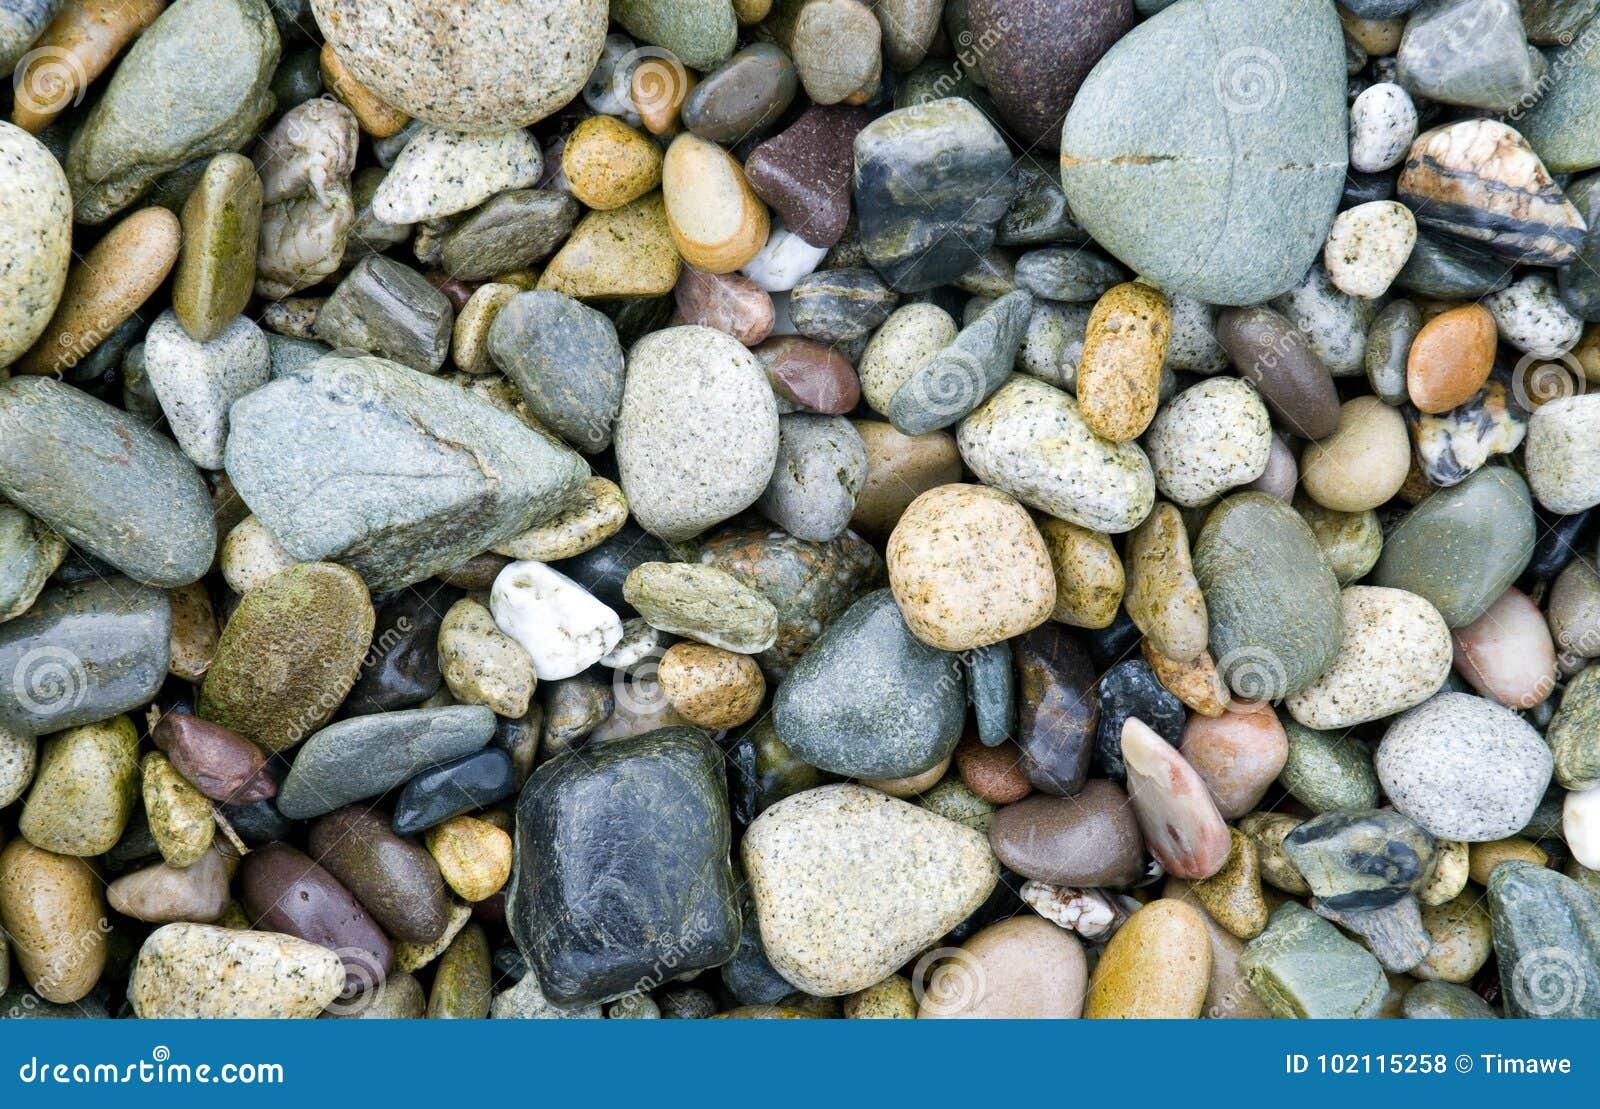 De kiezelstenen van het strand